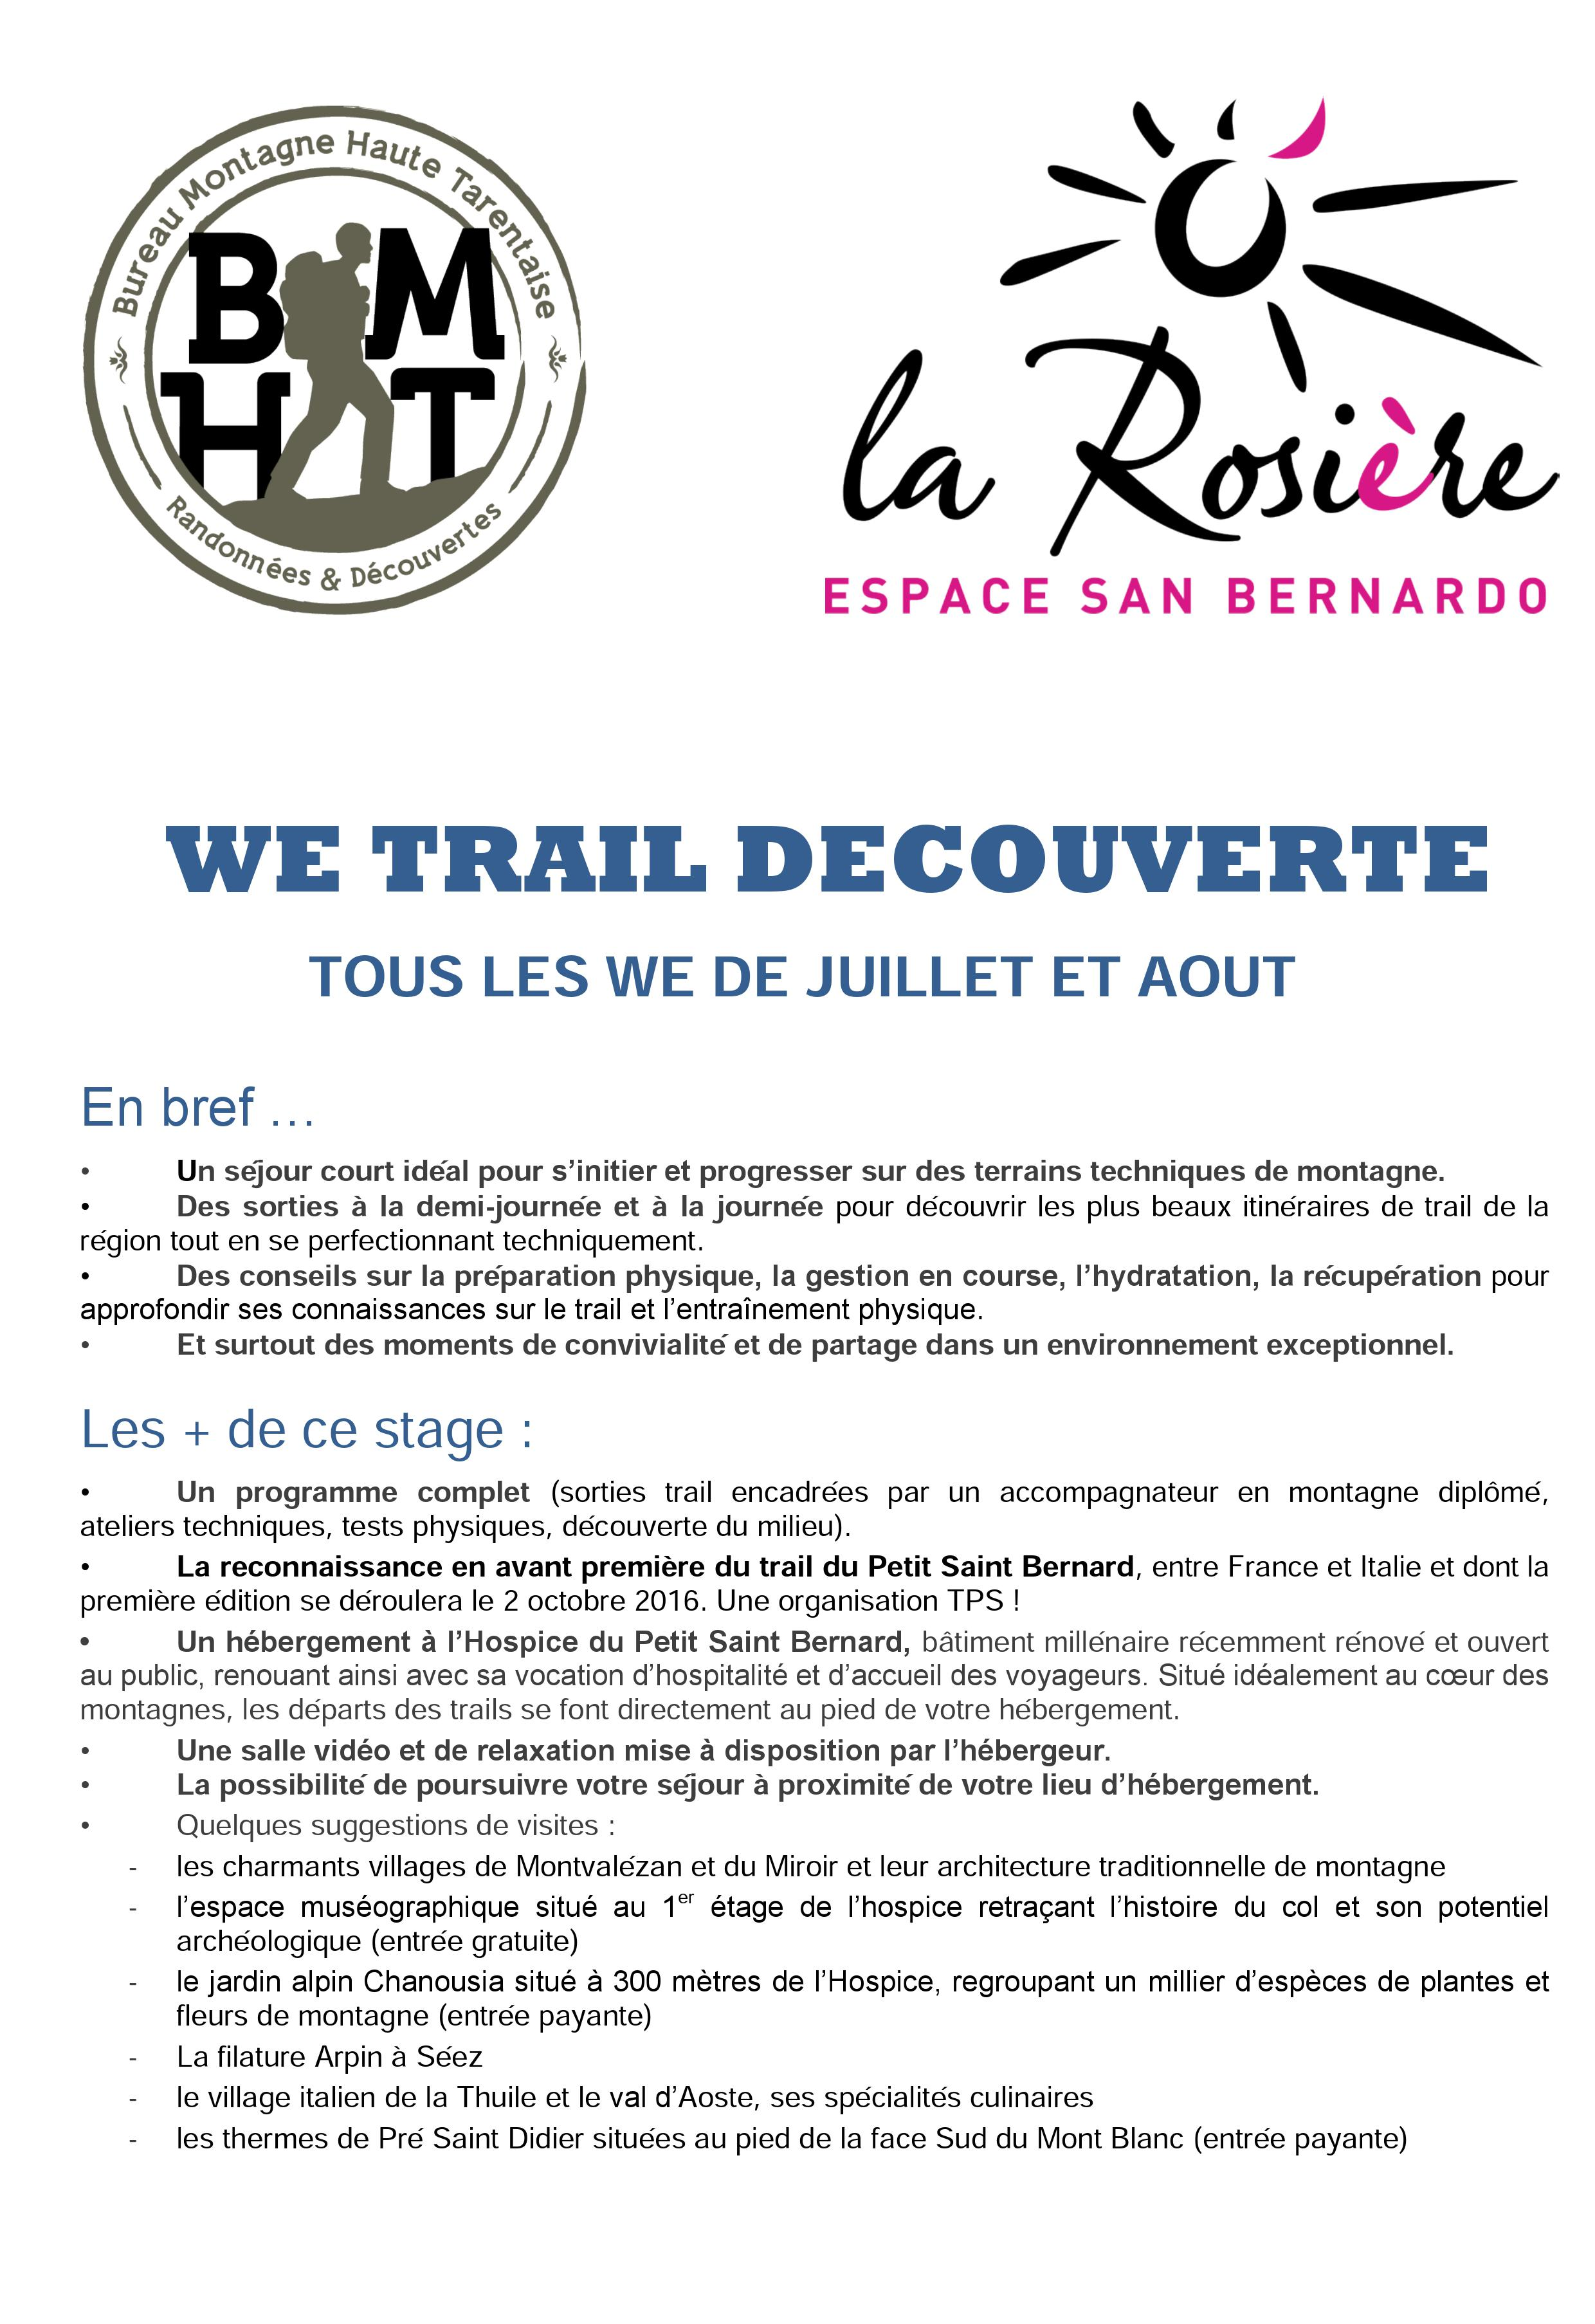 RECONNAISSANCE PARCOURS AVEC UN ACCOMPAGNATEUR EN MONTAGNE ! 12-13 AOÛT 2017